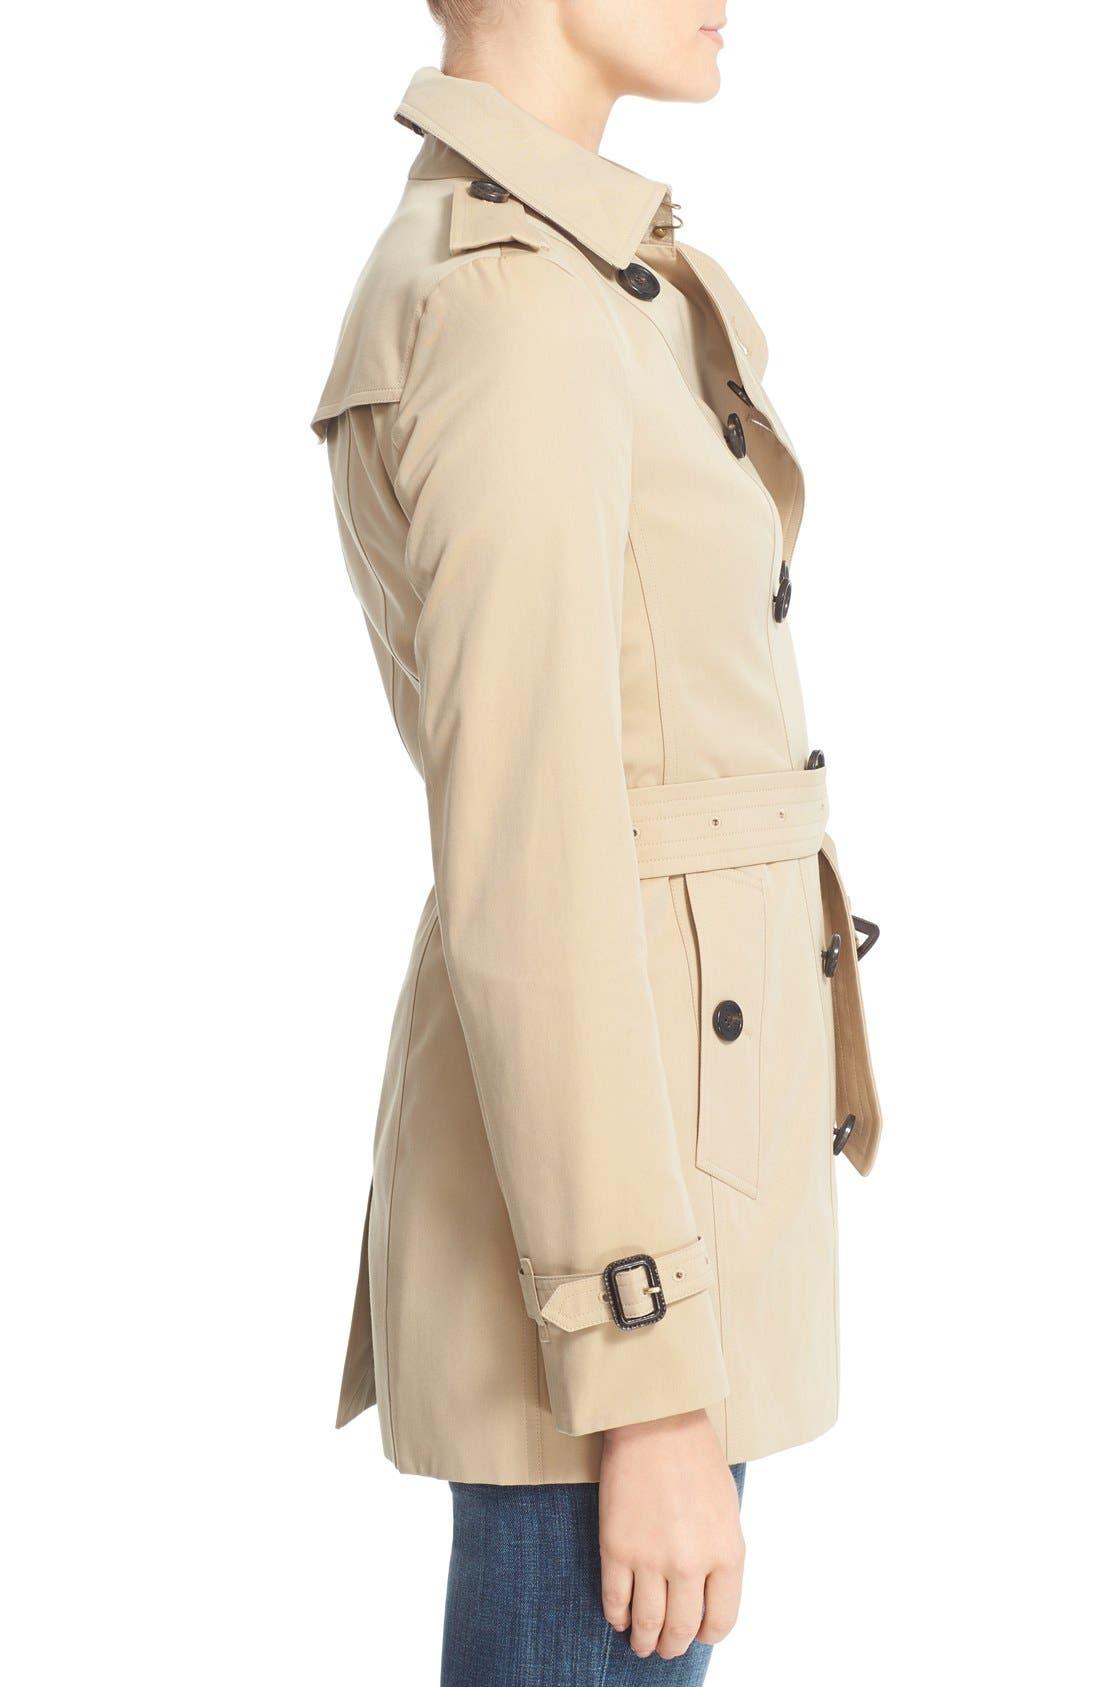 BURBERRY,                             Sandringham Short Slim Trench Coat,                             Alternate thumbnail 7, color,                             HONEY